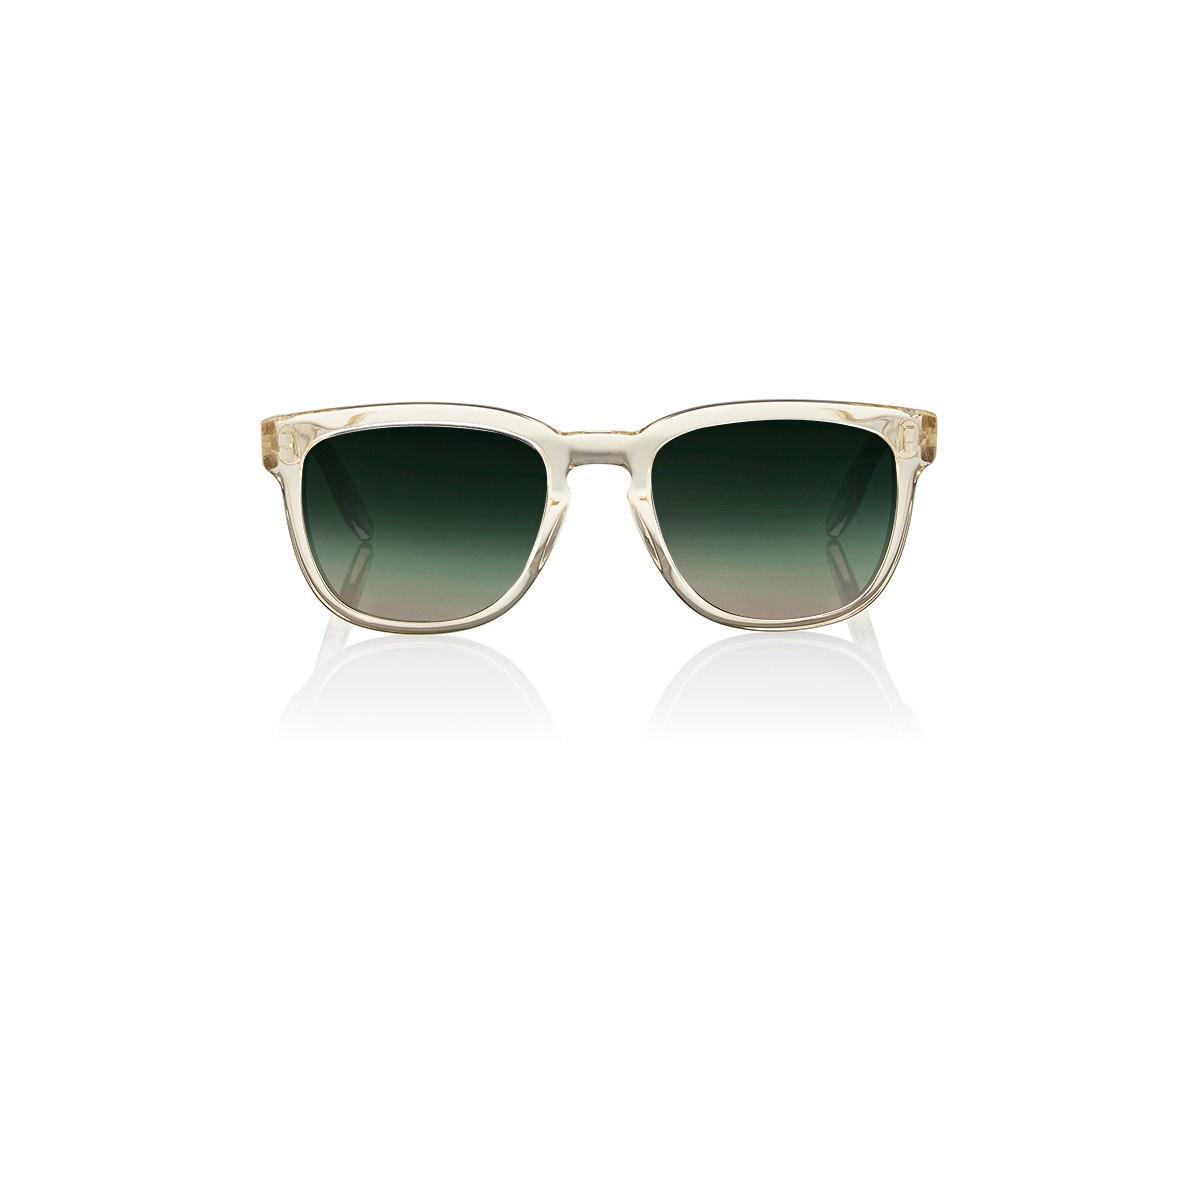 27a31d8aa5c Barton Perreira Coltrane Sunglasses in Green for Men - Lyst